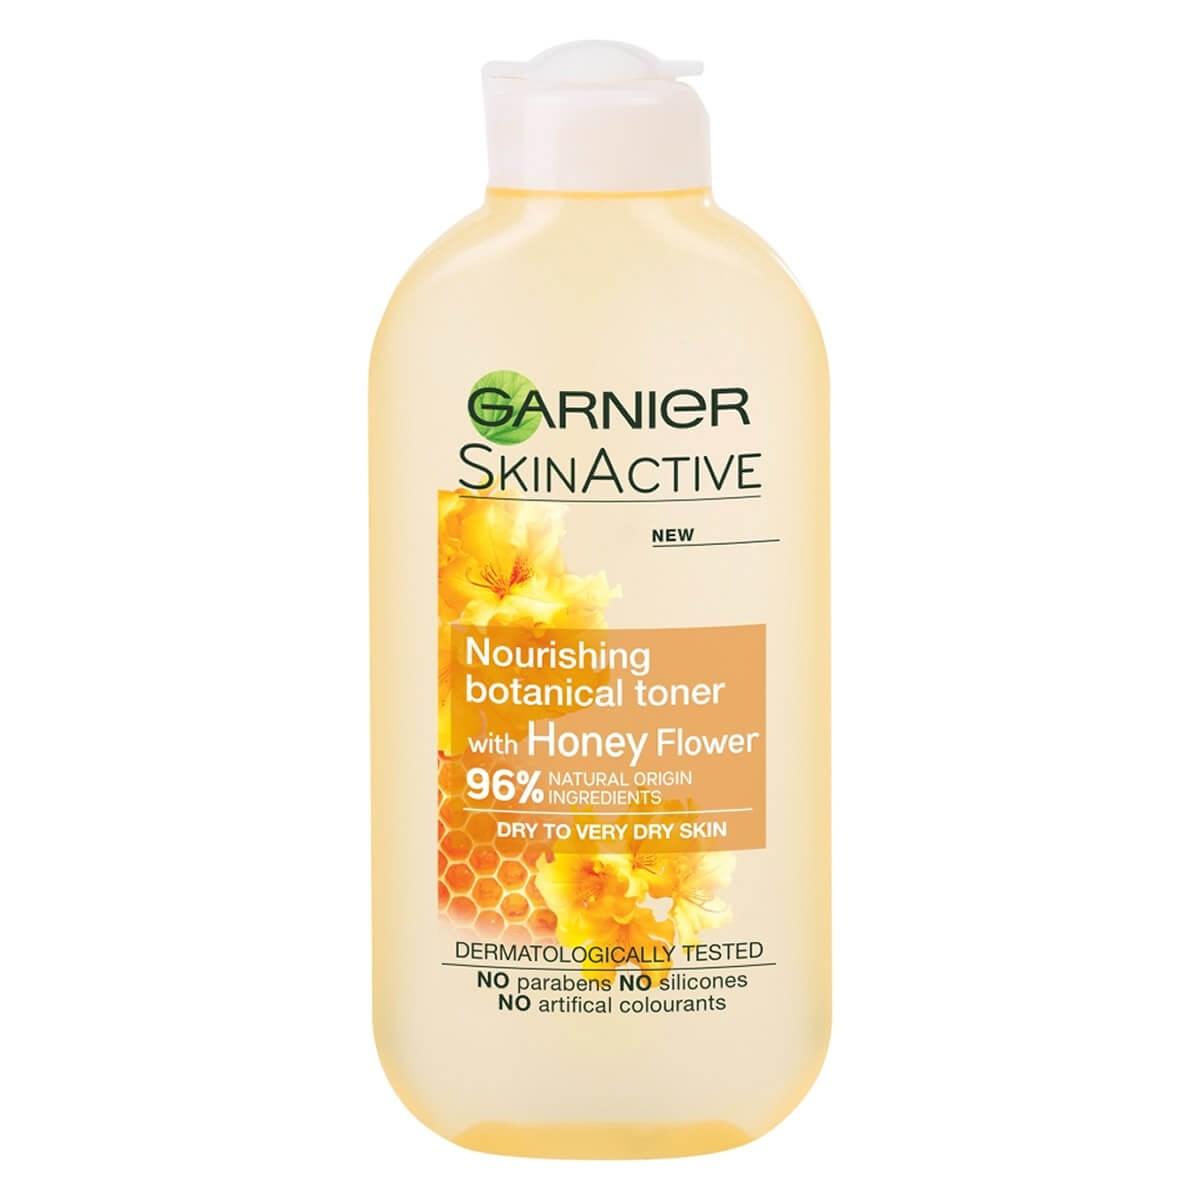 Garnier SkinActive Natural Honey Flower Toner Dry Skin